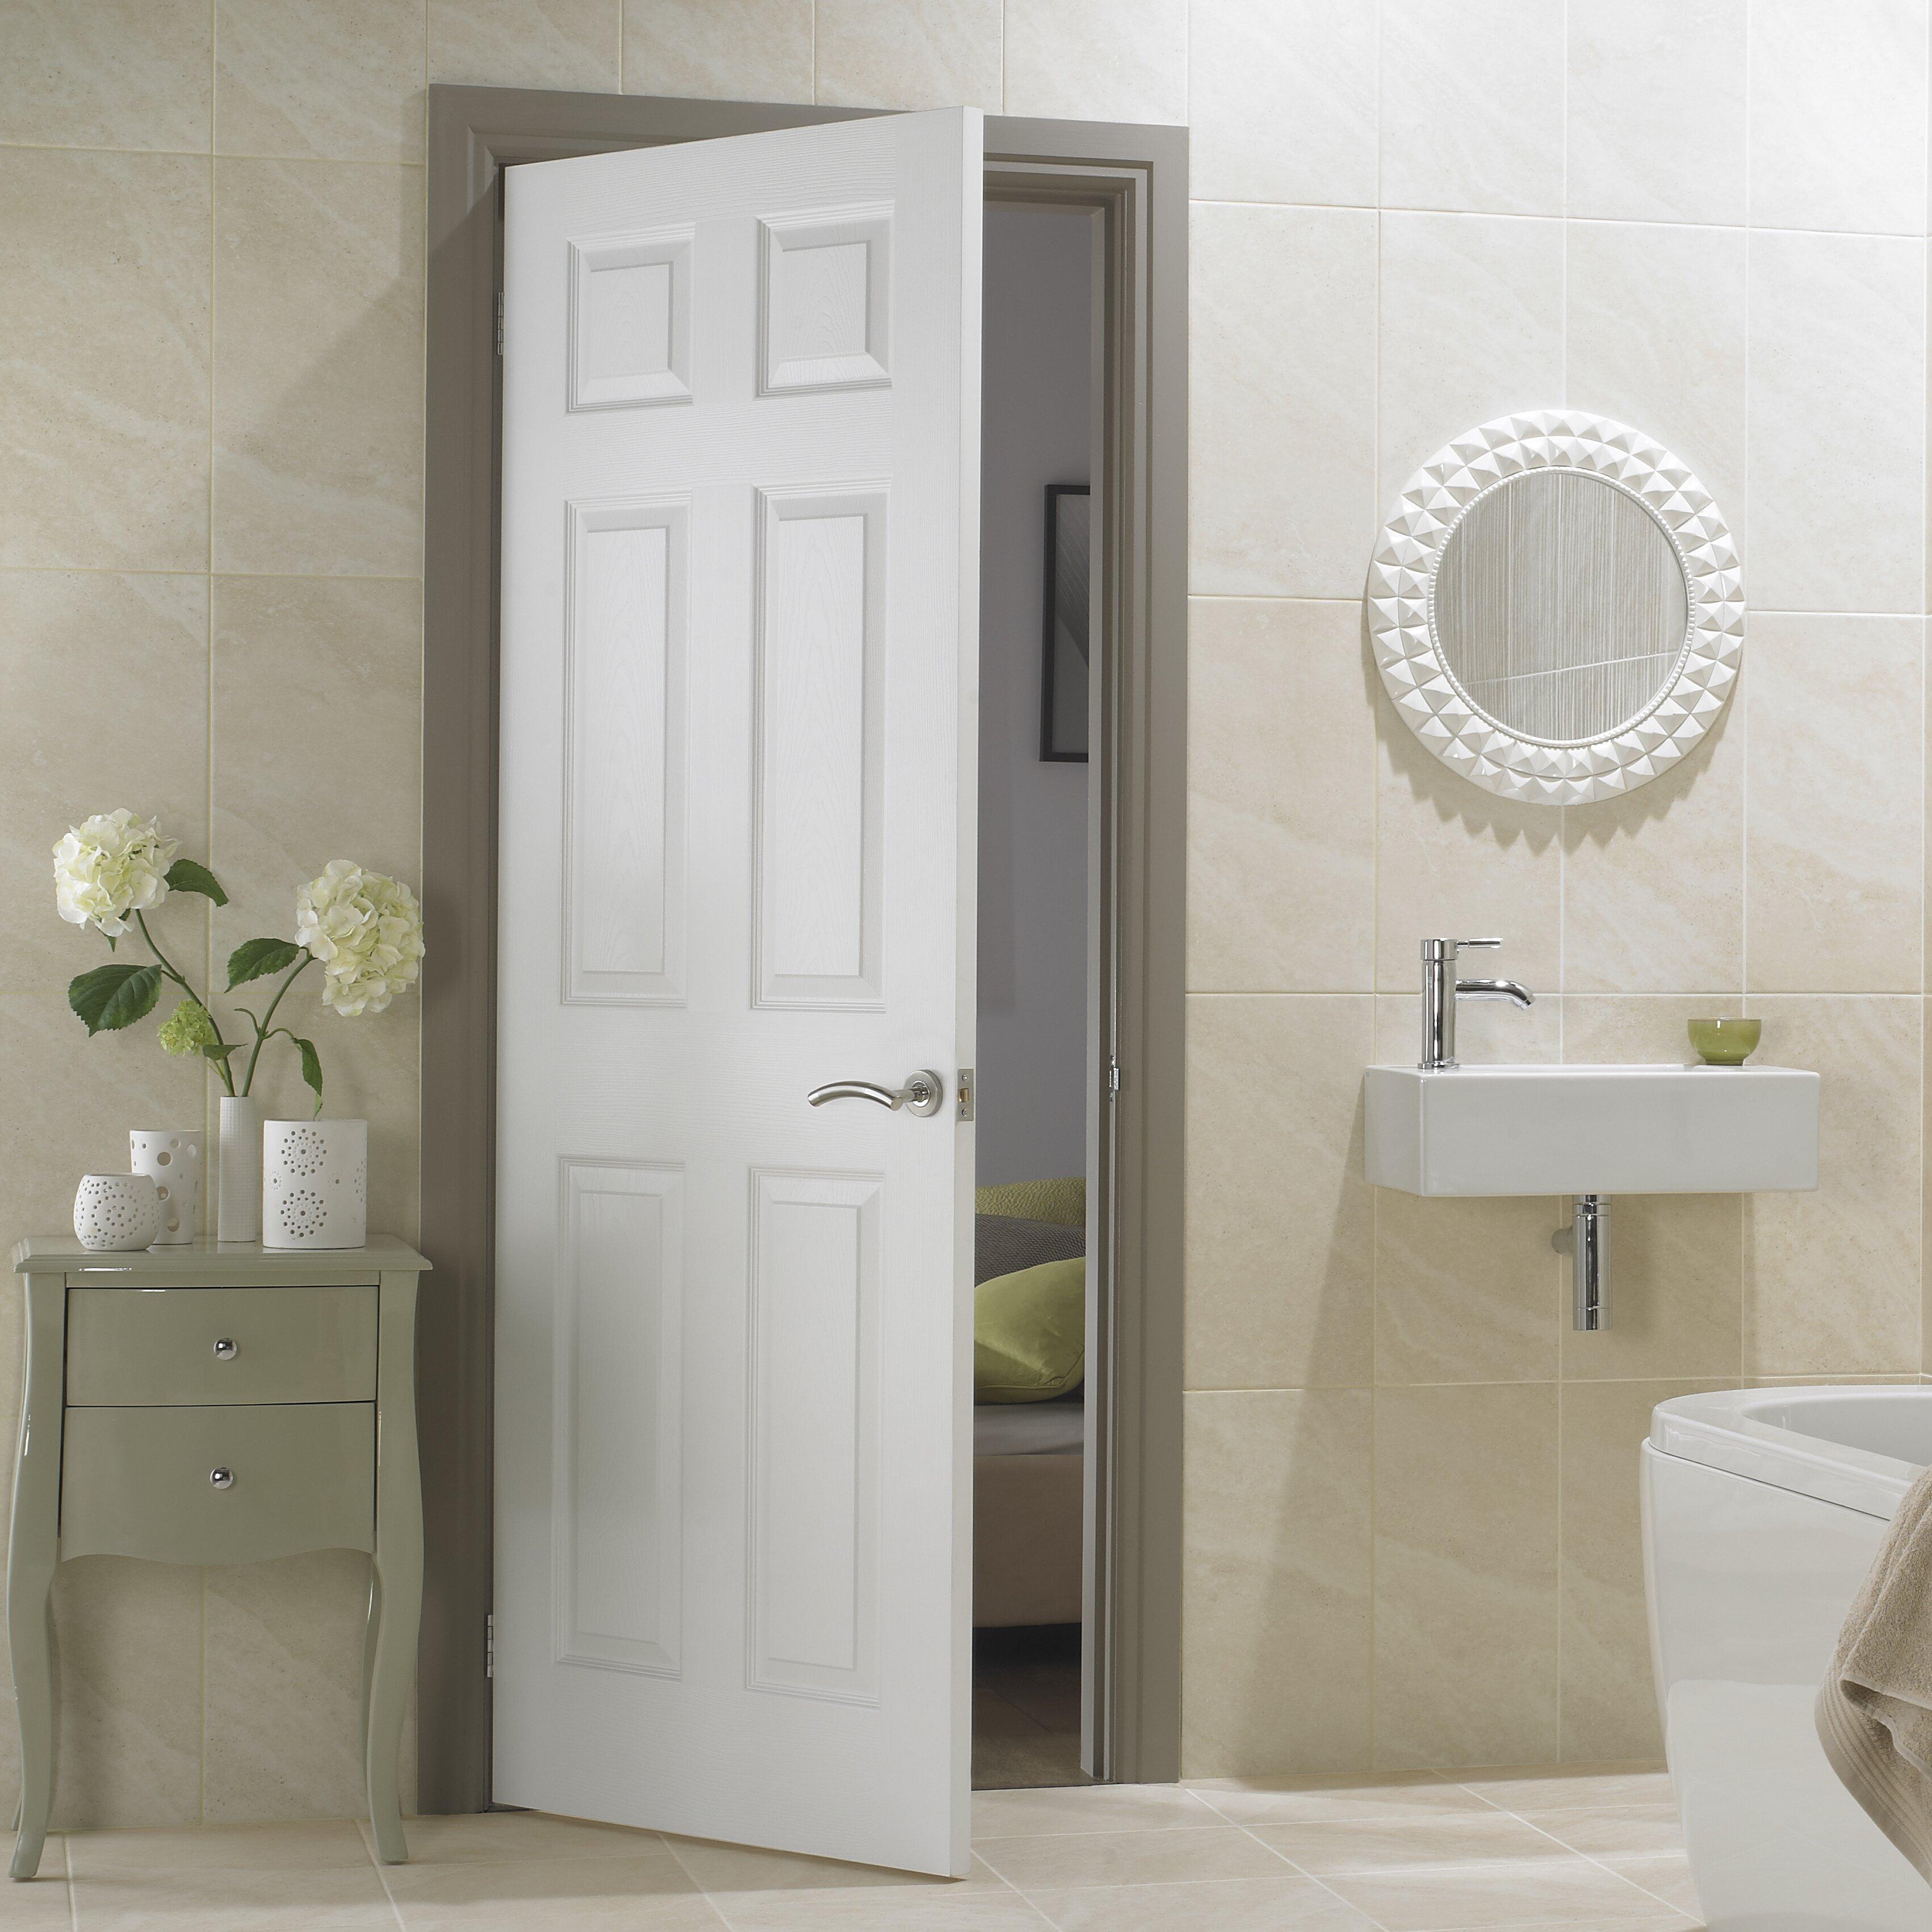 premdor safe and sound 6 panel white internal door. Black Bedroom Furniture Sets. Home Design Ideas